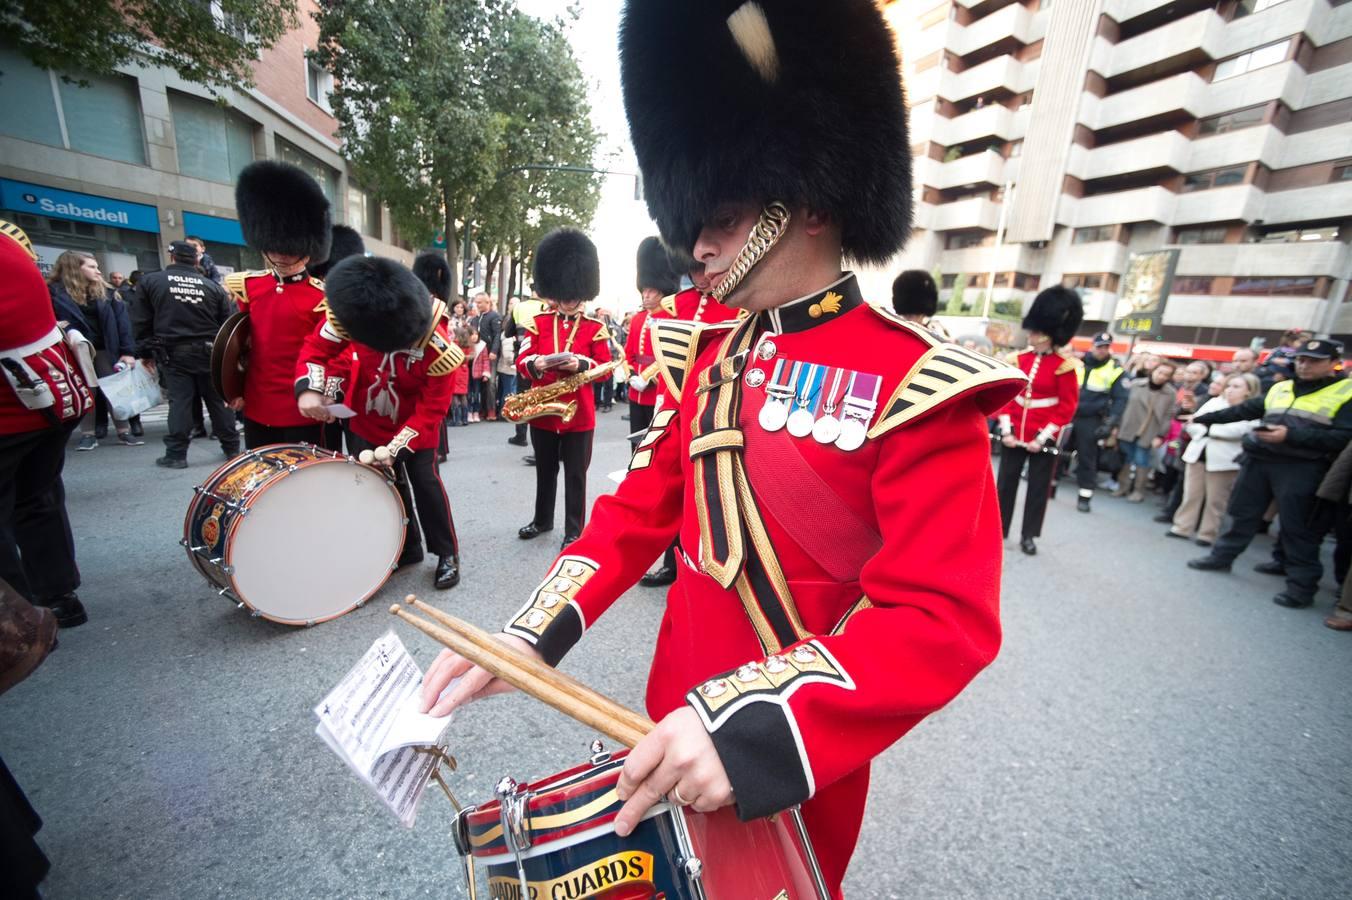 Notas de realeza en el desfile de los Guardias Granaderos por Murcia